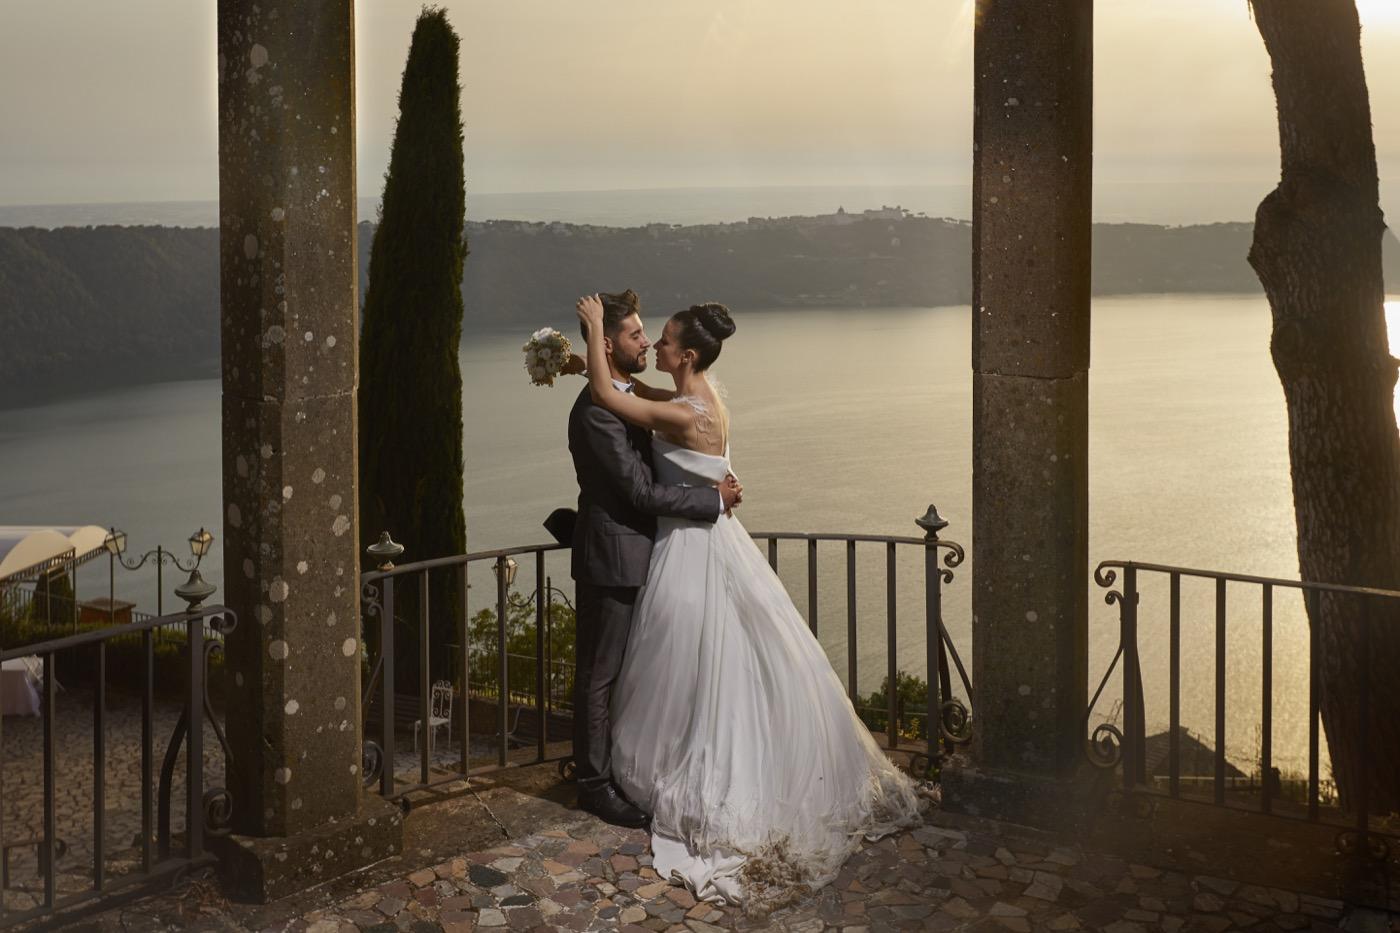 Claudio-Coppola-wedding-photographer-villa-del-cardinale-rocca-di-papa-castel-gandolfo-92